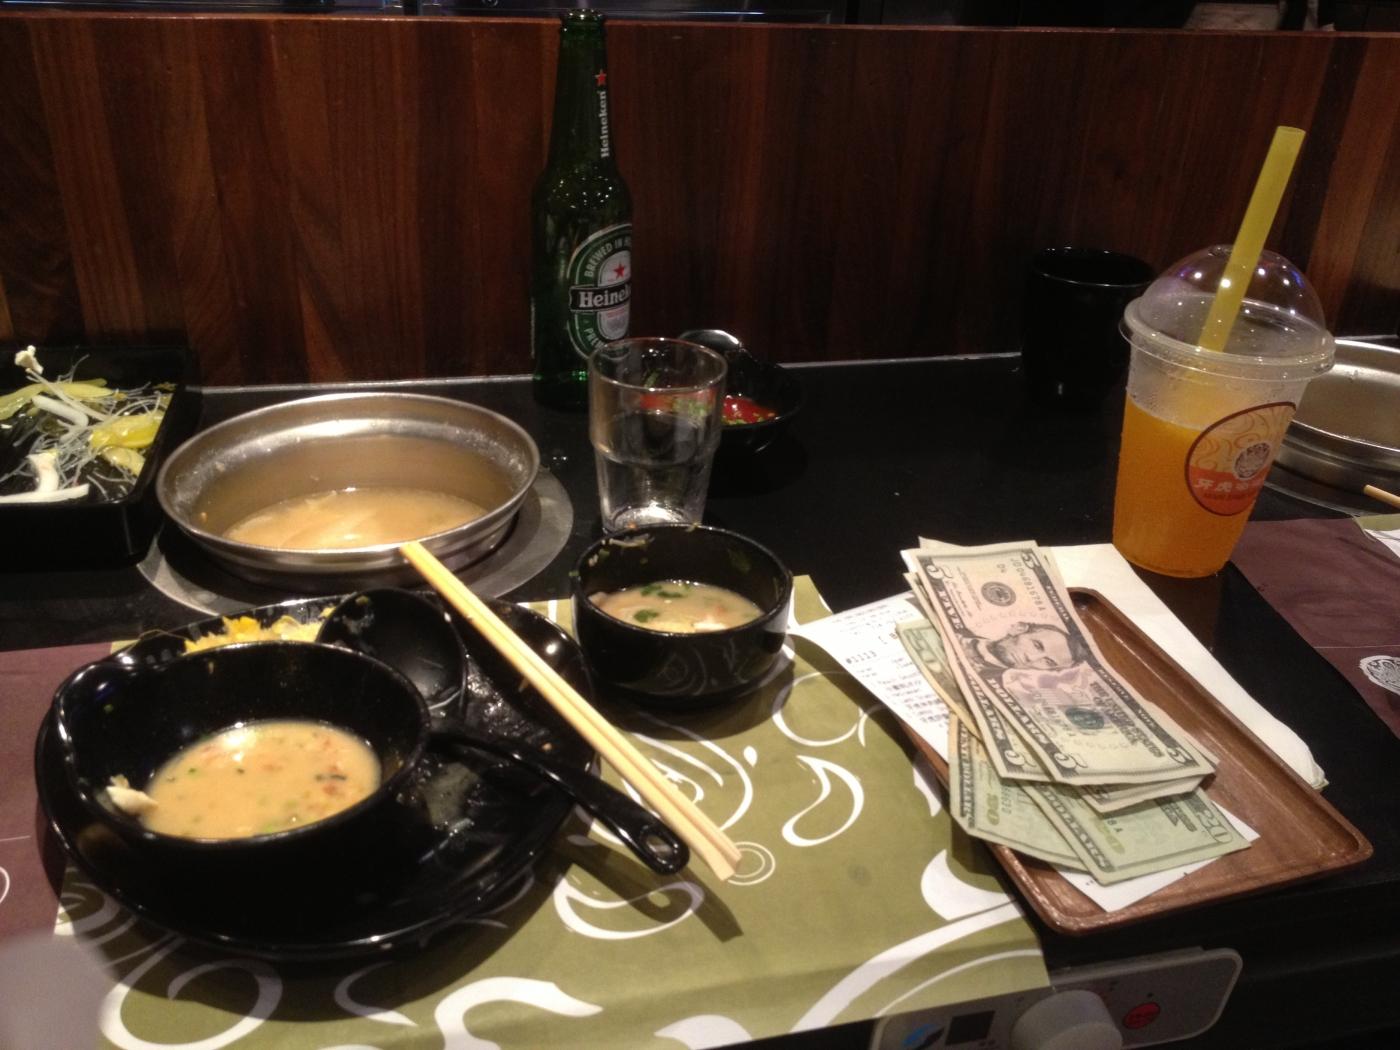 [jiejoy]星期日的晚餐---牙虎迷你涮涮锅_图1-13